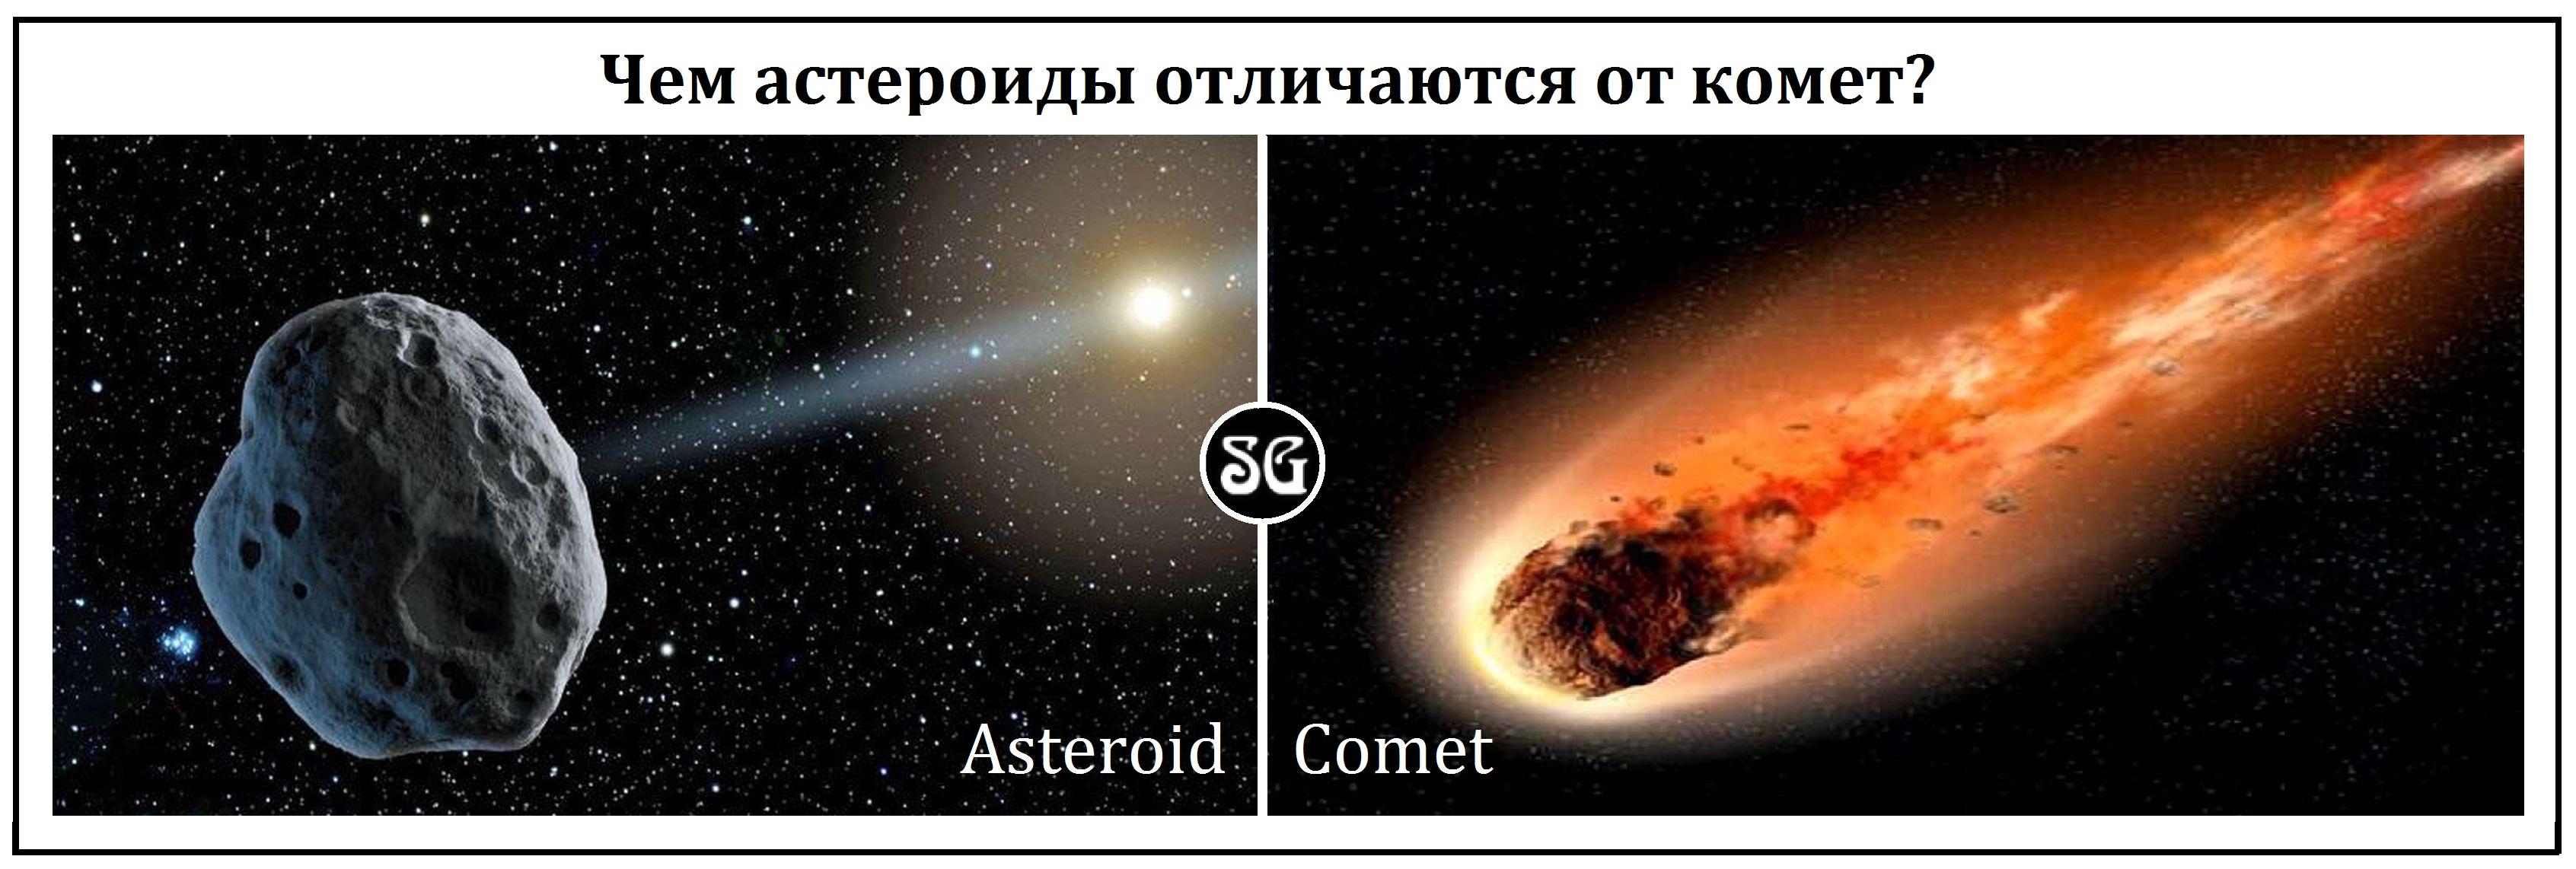 Чем астероиды отличаются от комет